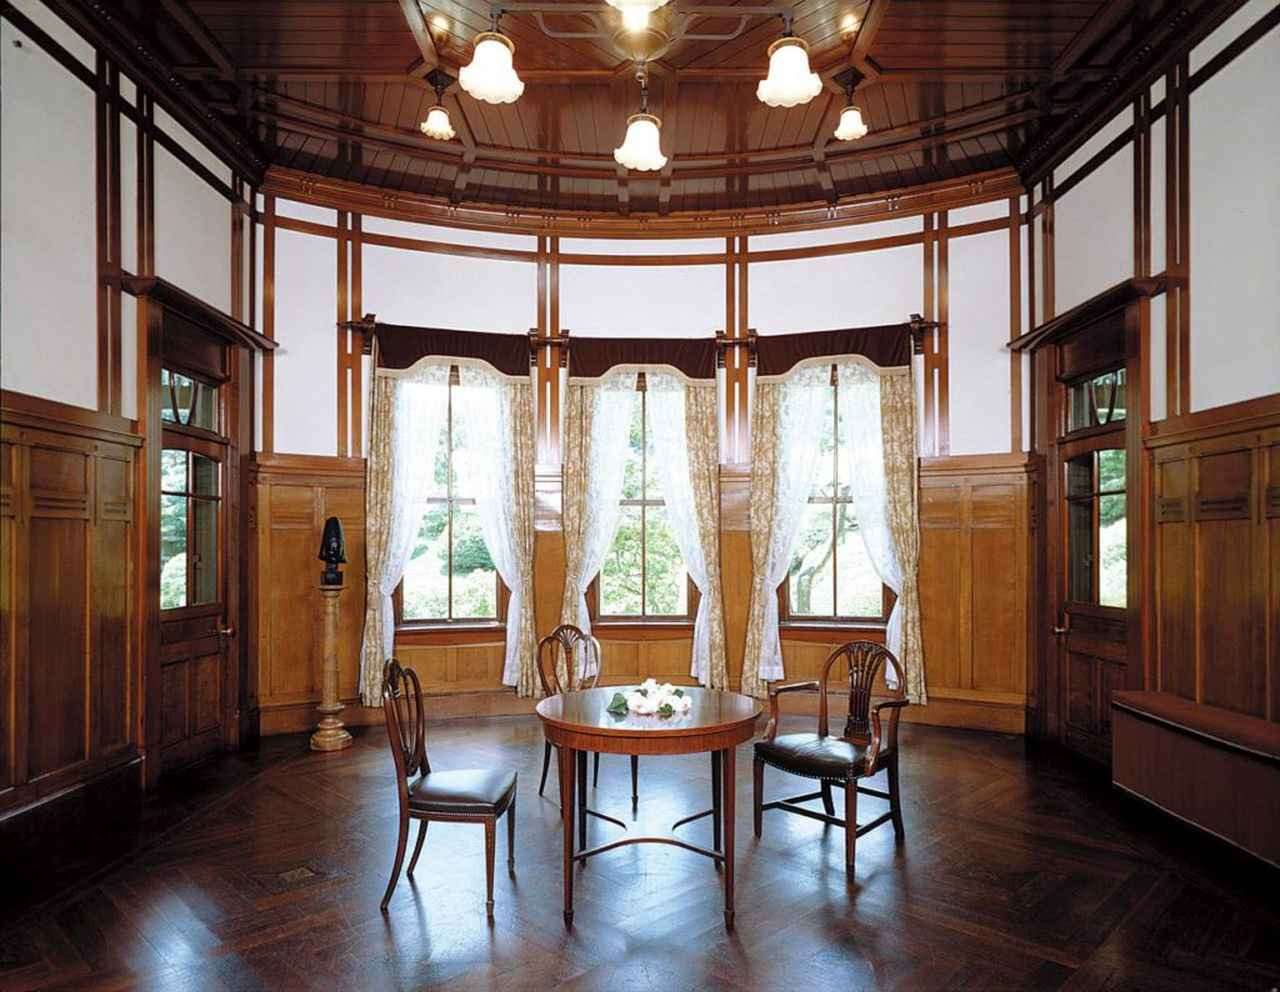 画像2: 西日本工業倶楽部会館(旧松本邸):ウェディングも挙げられる、憧れのアール・ヌーヴォー建築